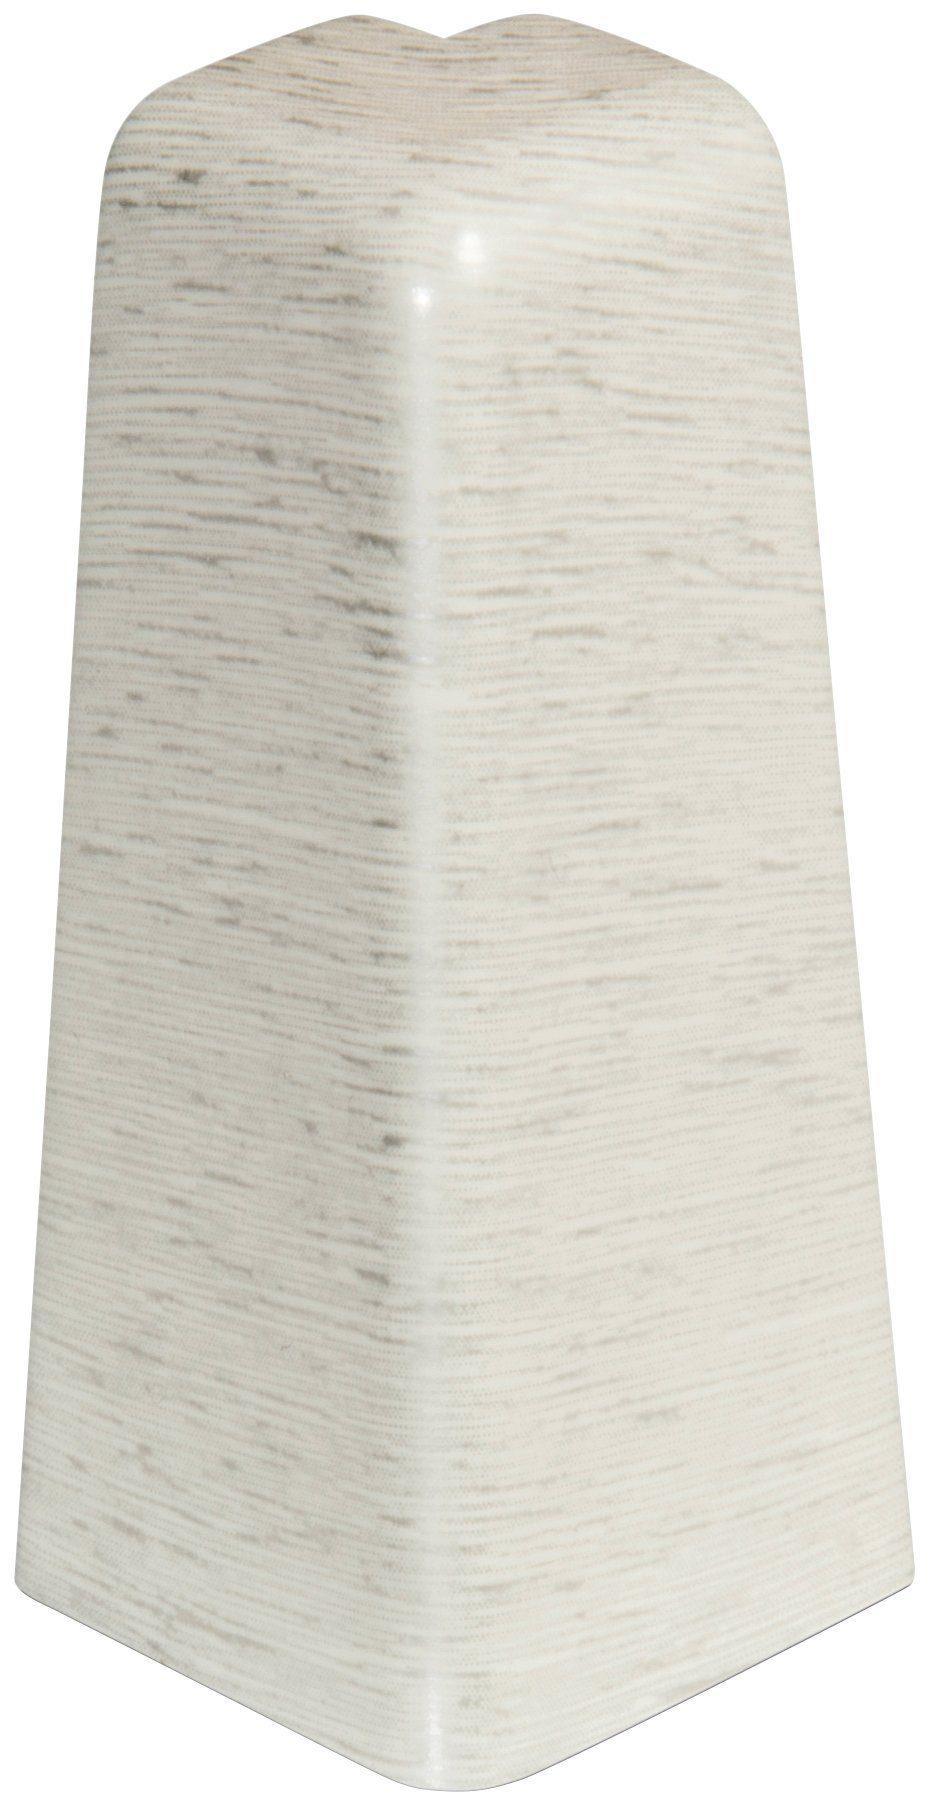 EGGER Außenecken »Eiche graublau«, für 6cm EGGER Sockelleiste